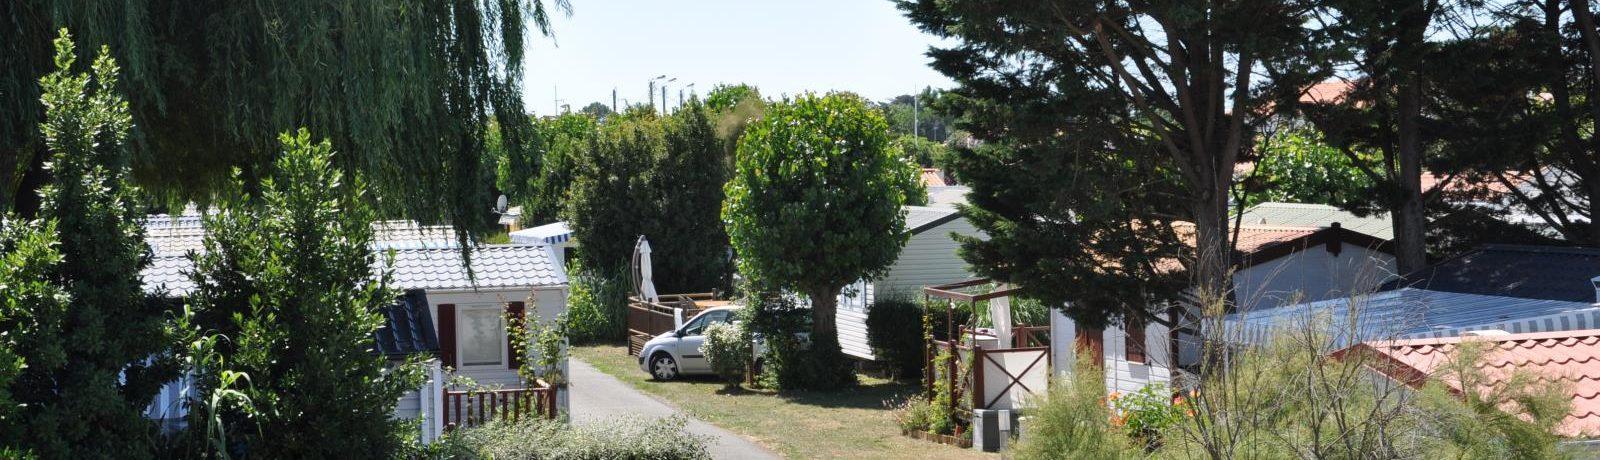 Camping Fautais is een gezellige kleine camping in het dorpscentrum van La Faute-sur-Mer in het departement Vendée in de Pays-de-la-Loire.